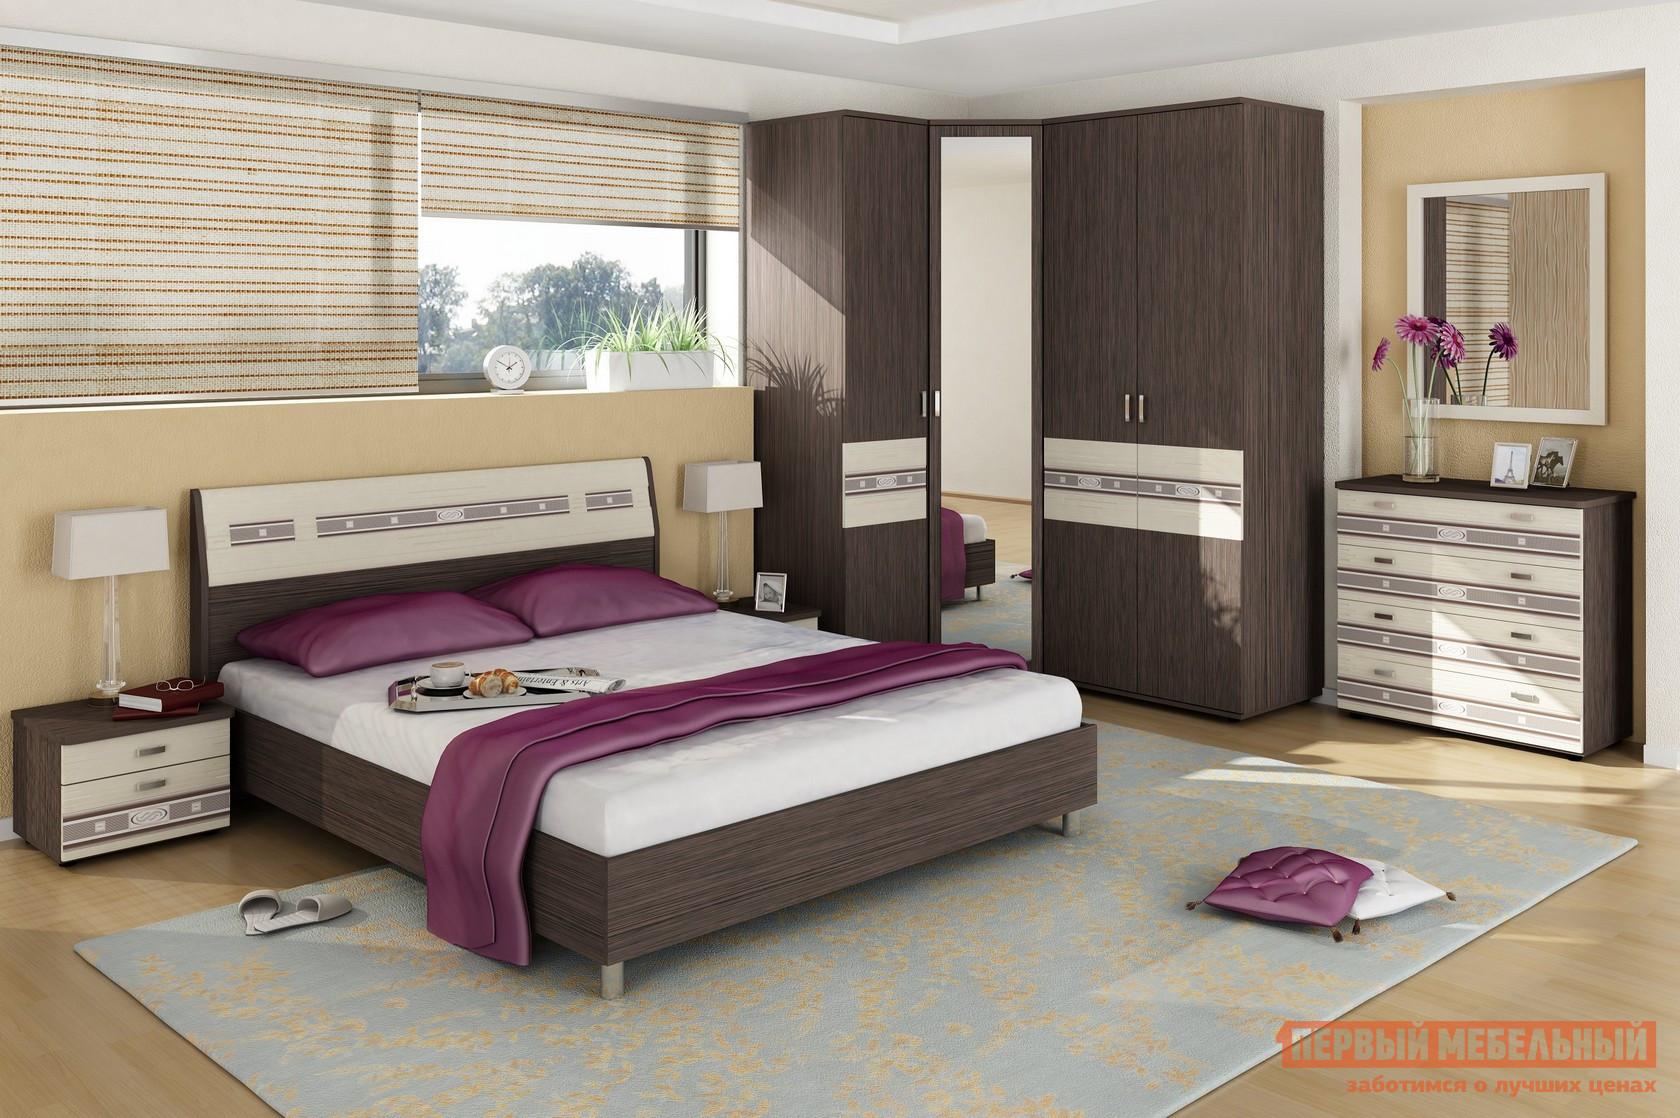 Комплект мебели для спальни Витра Ривьера К2 комплект детской мебели витра бриз к2